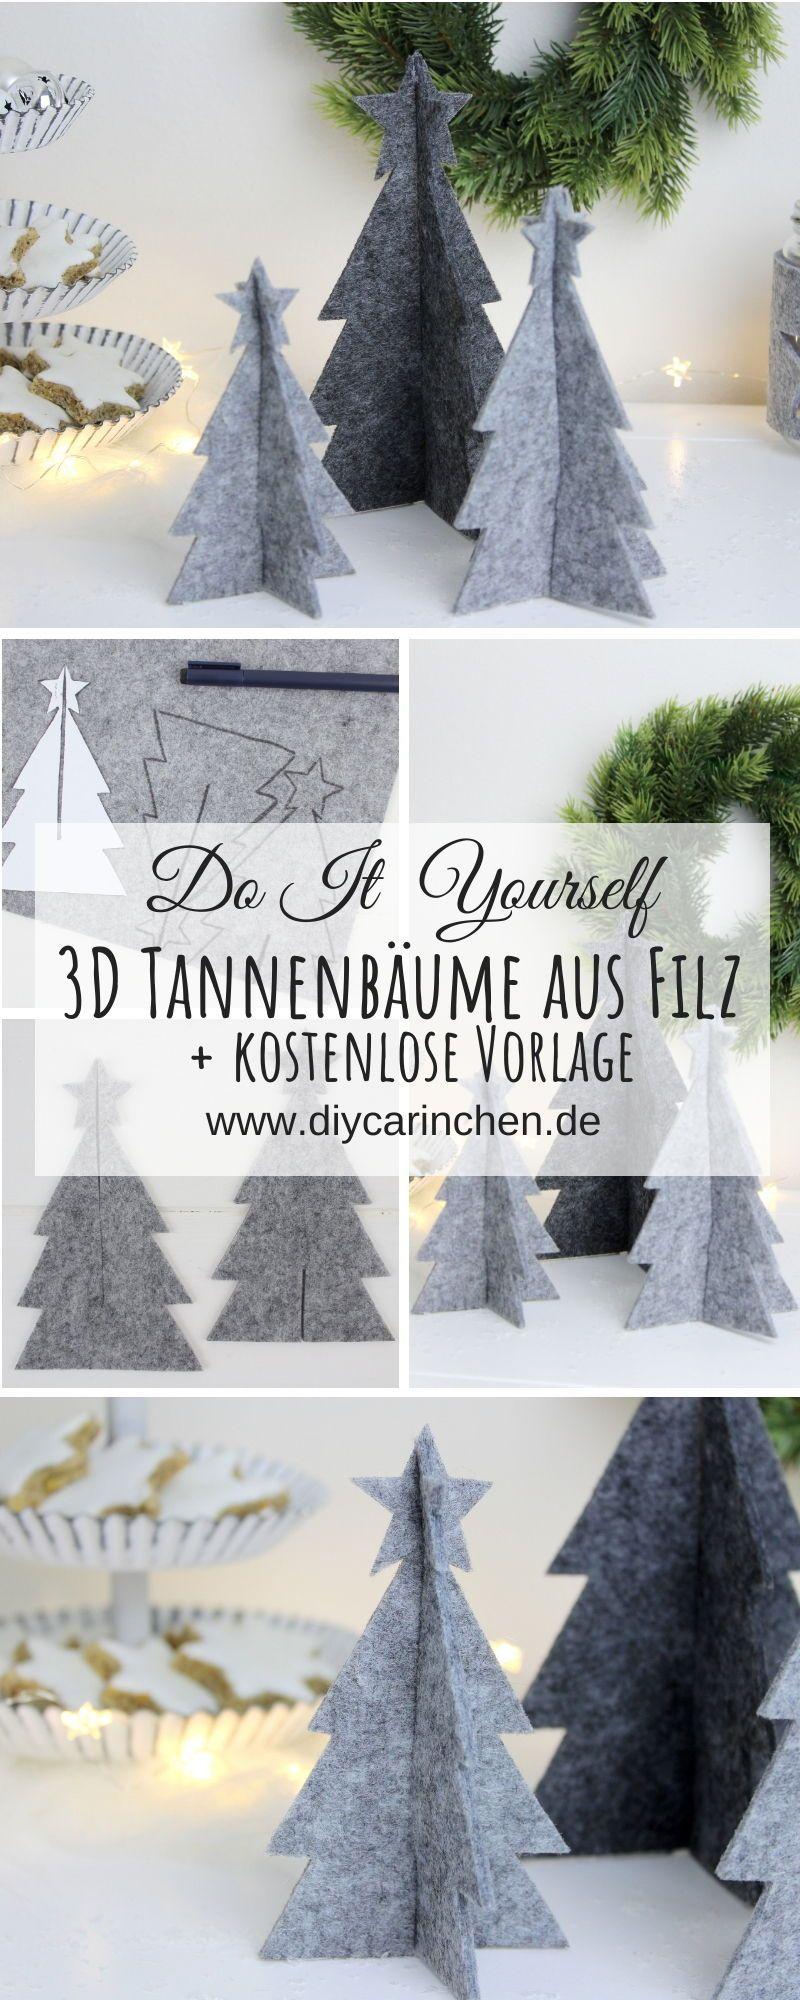 DIY - 3D Tannenbaum aus Filz einfach selber machen / Weihnachten